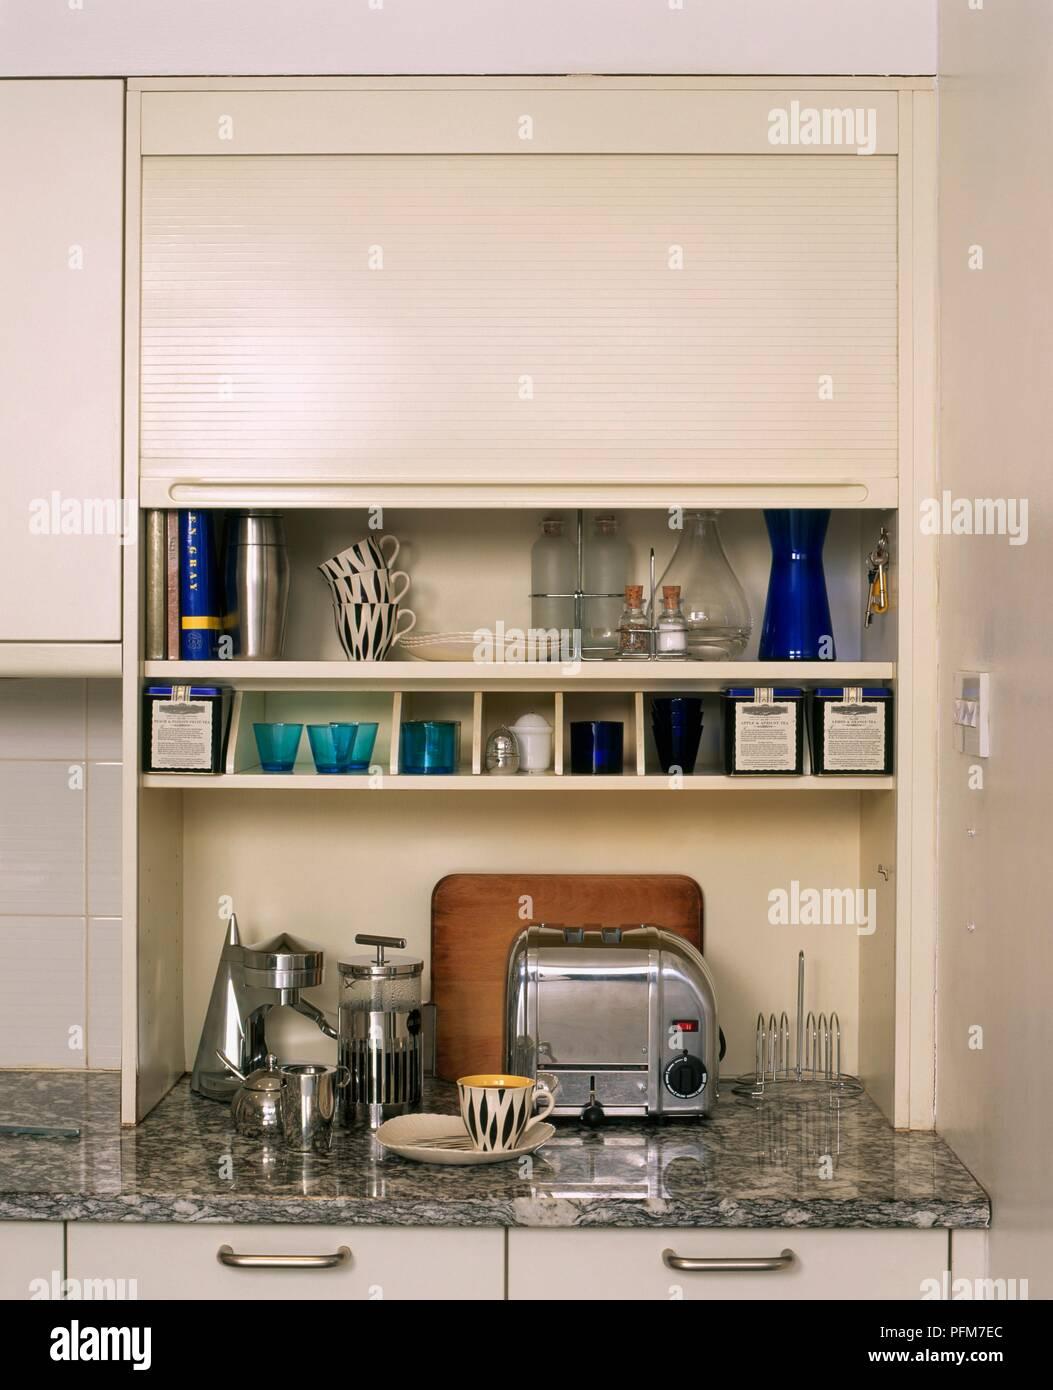 Küche, Schrank mit Roll-up Tür Stockfoto, Bild: 216189188 - Alamy